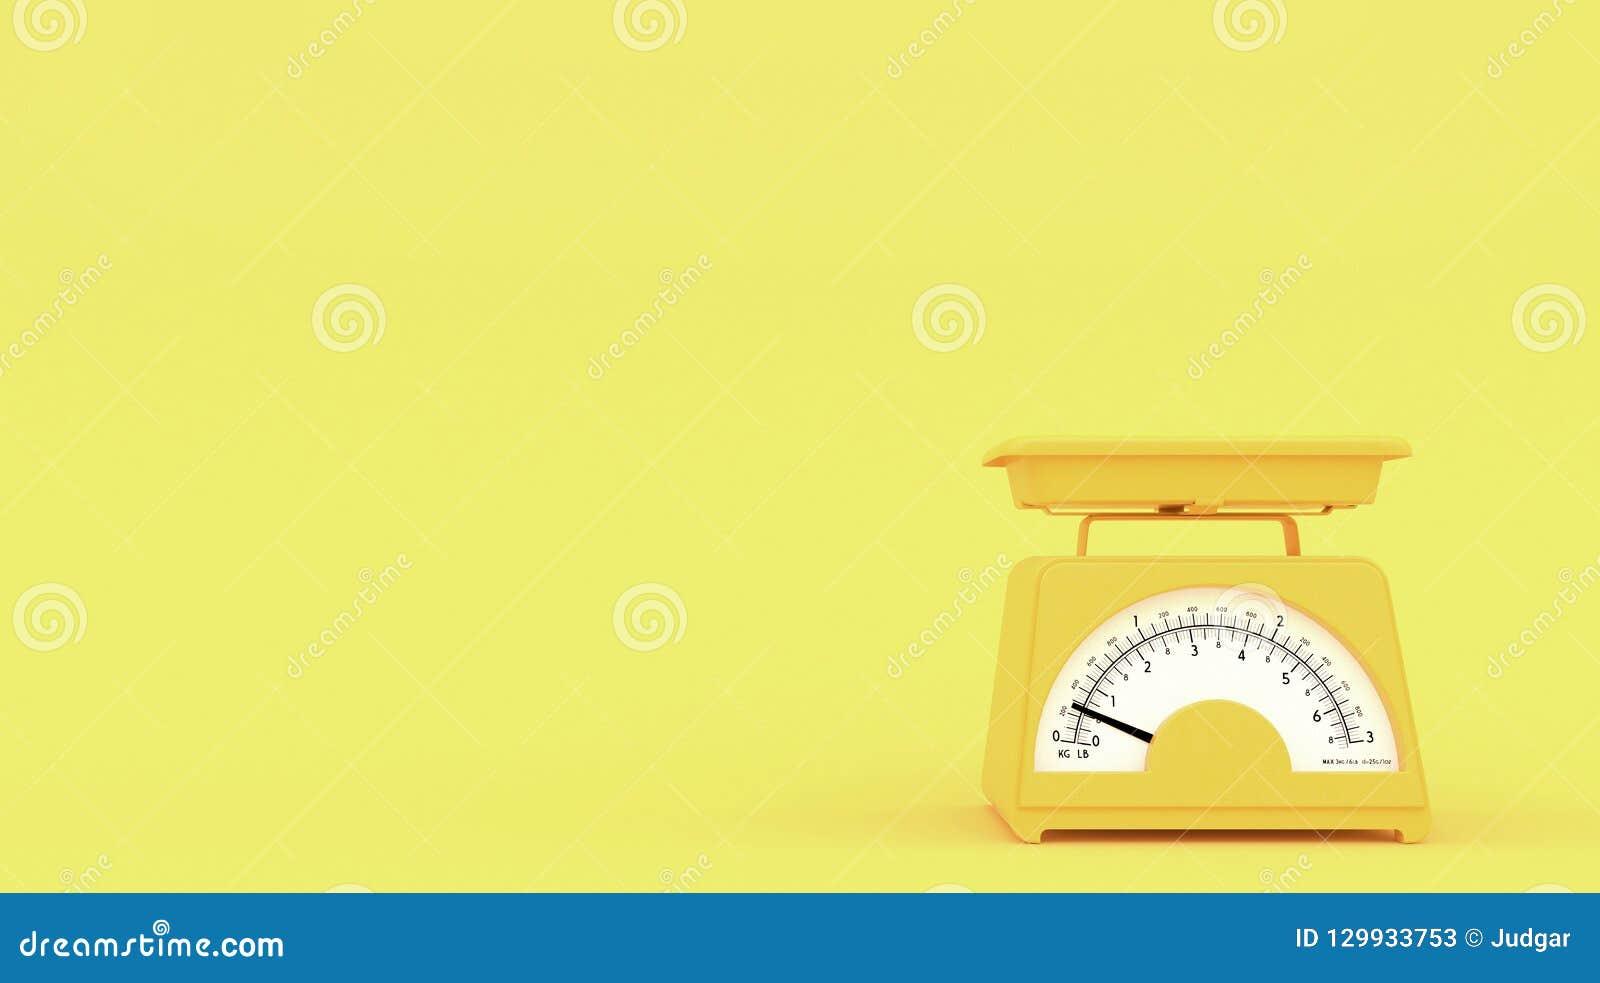 Gul gammal kökviktvåg på gul bakgrund med fritt utrymme för text eller logo kopiera avstånd framförande 3d